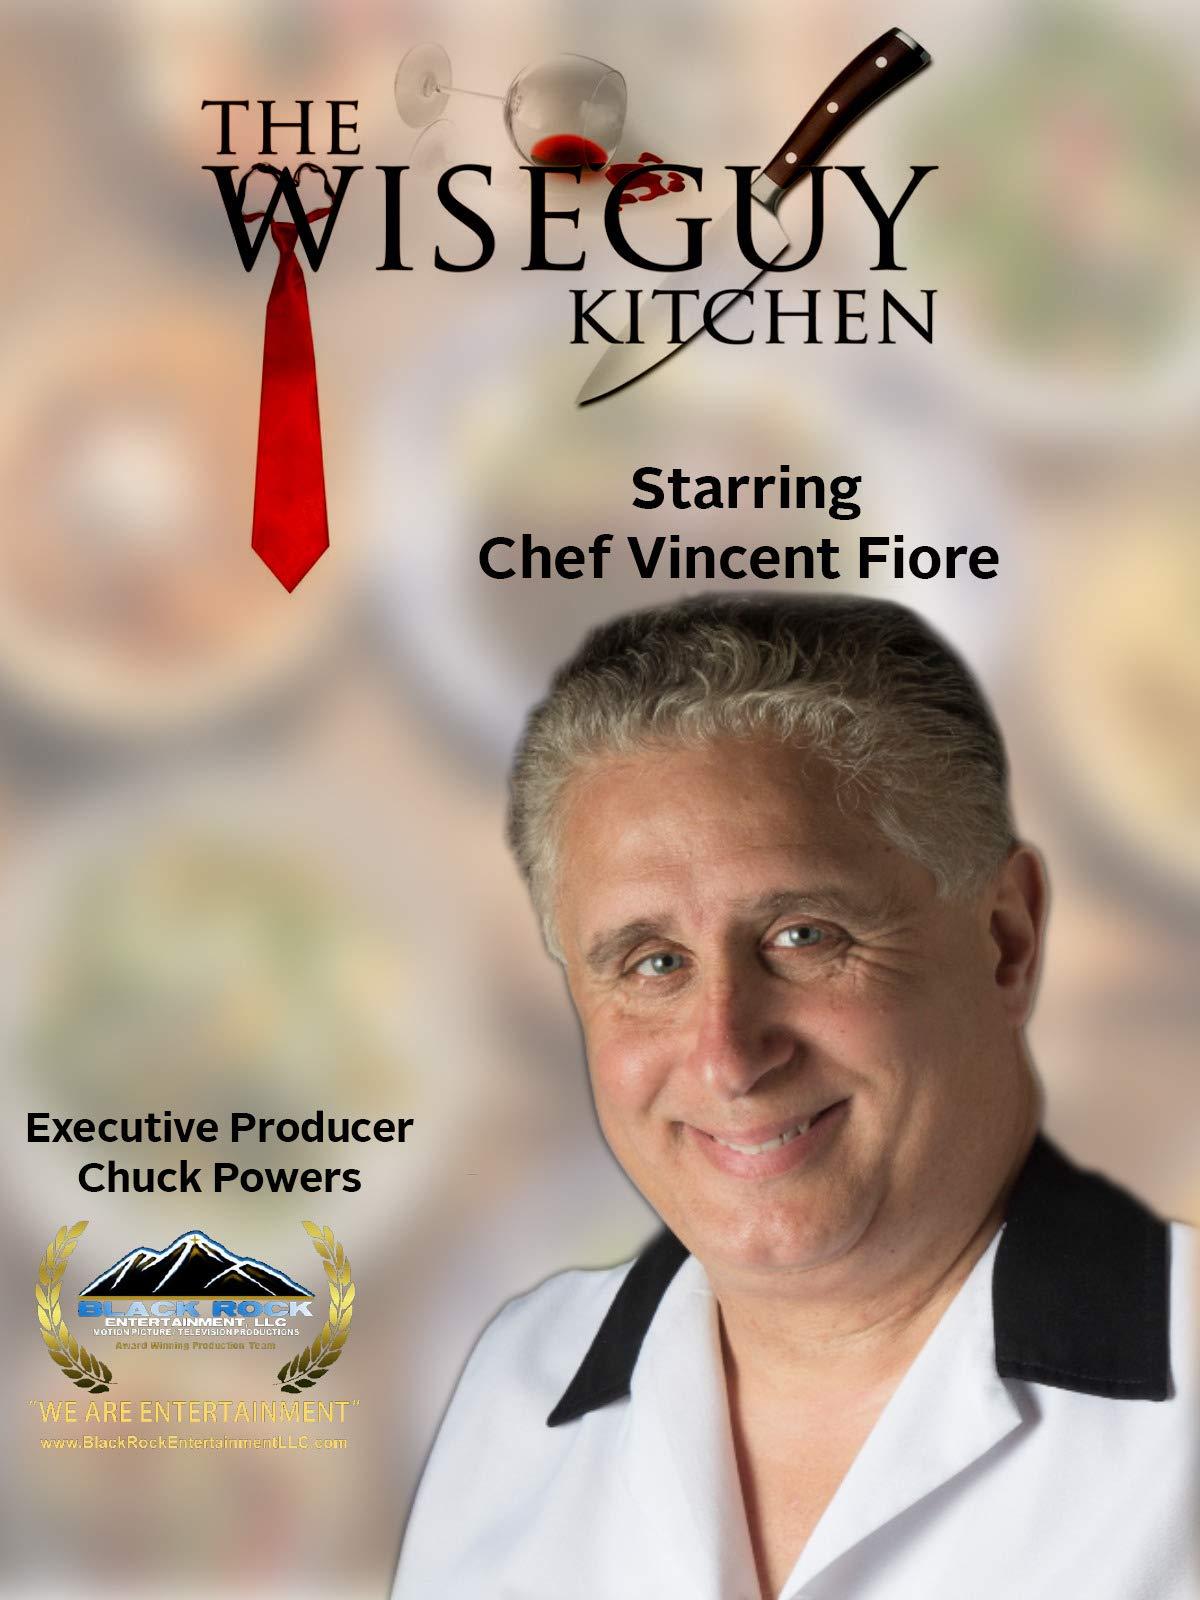 The Wiseguy Kitchen Show Visits Vandiver Inn